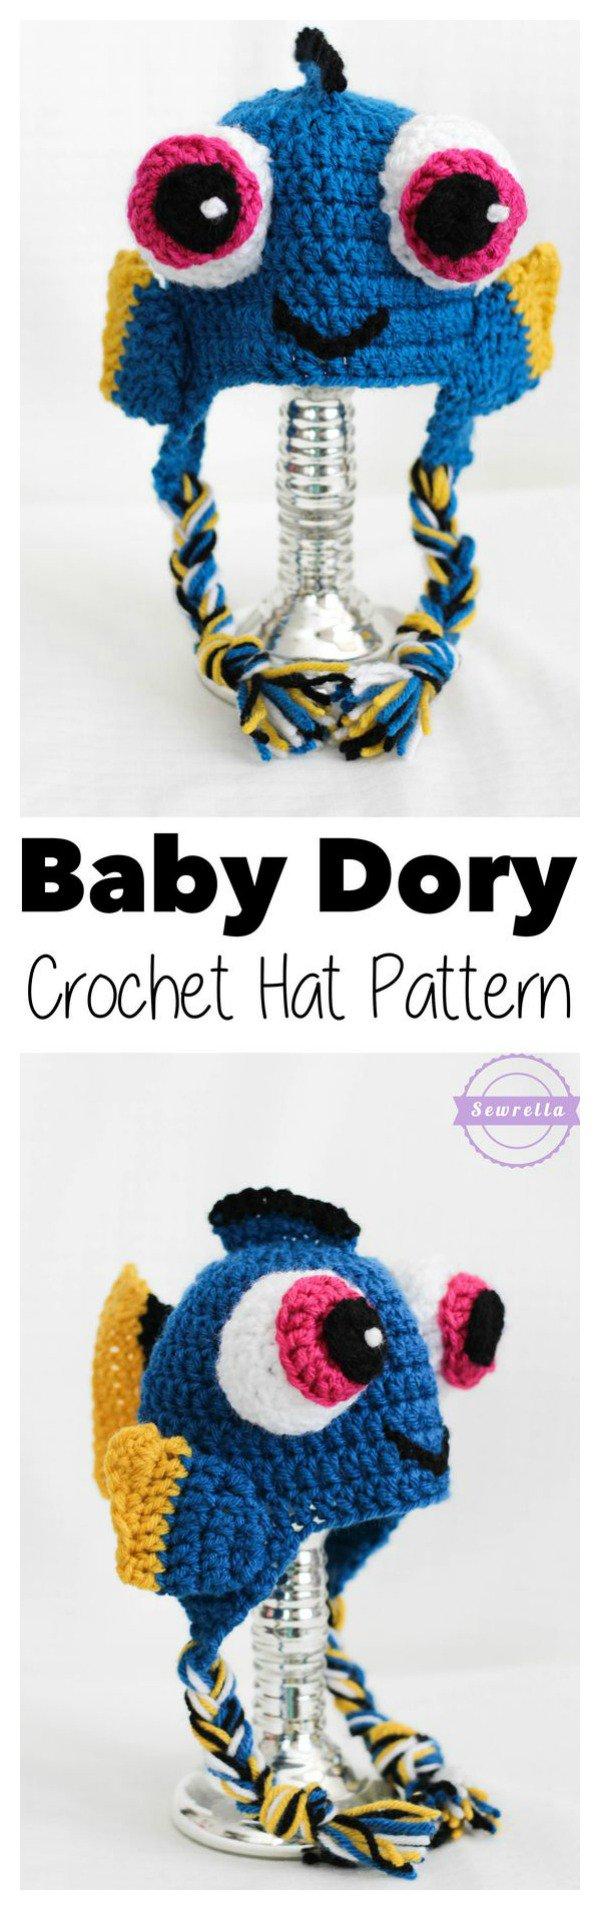 Finding Dory Crochet / Knitting Patterns | Gorros | Pinterest ...